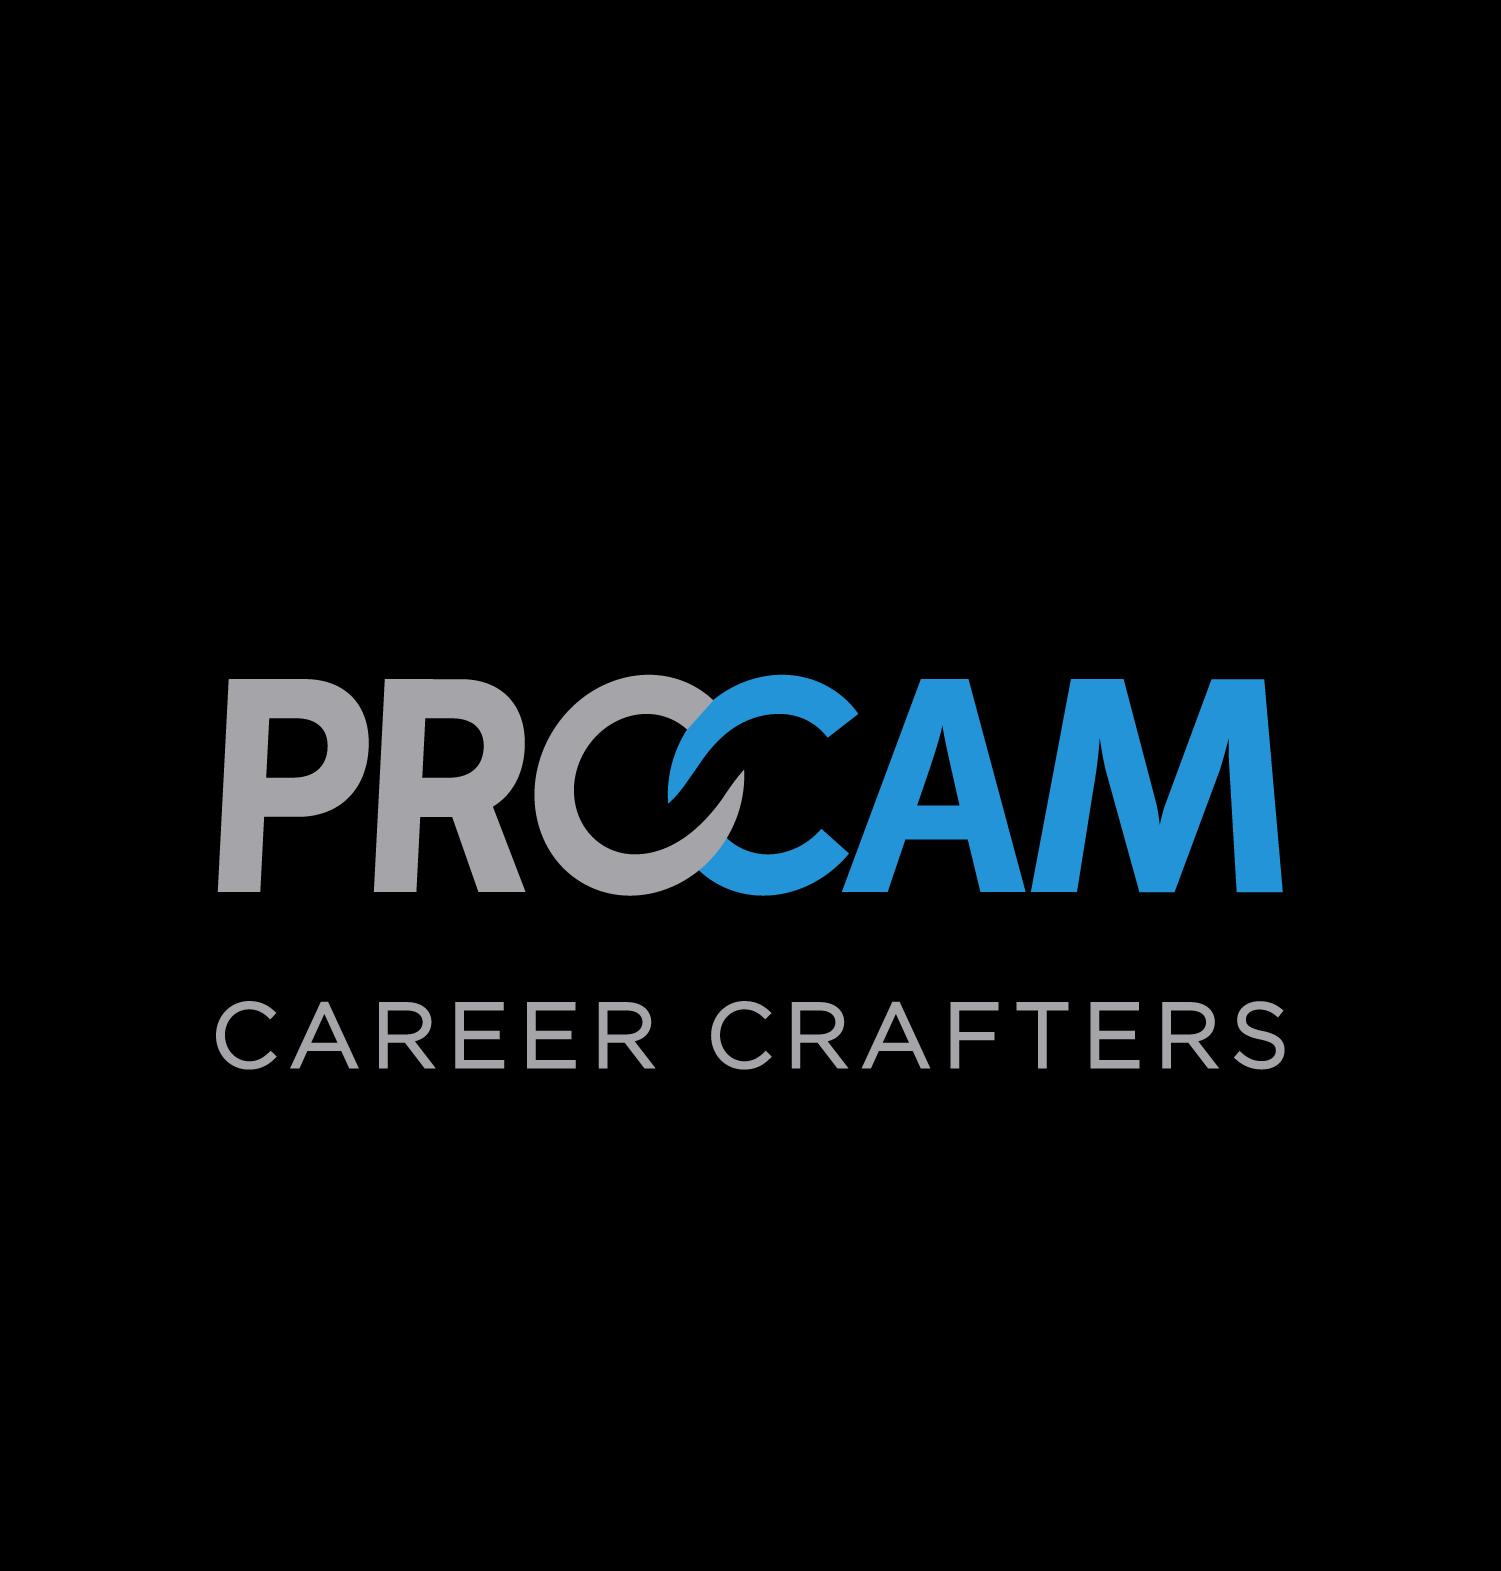 Procam_logo